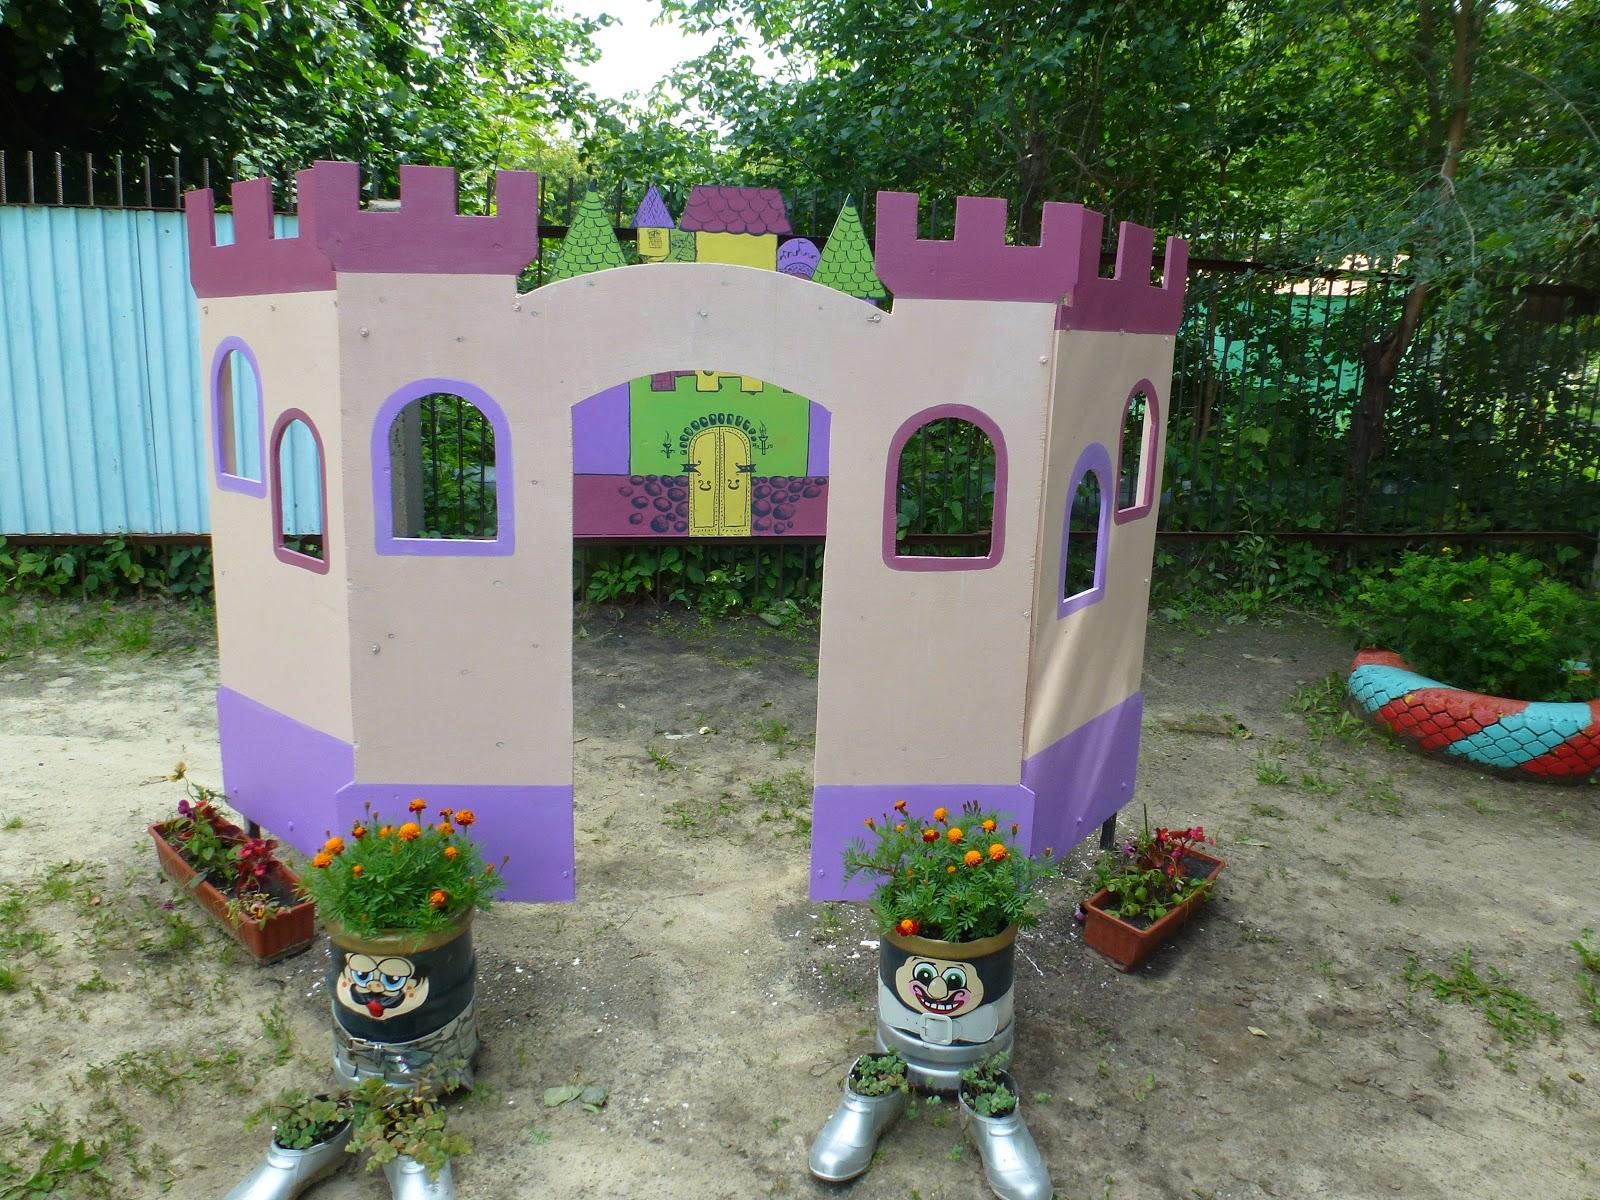 Детская Площадка Своими Руками на Даче 55 фото Идей 23